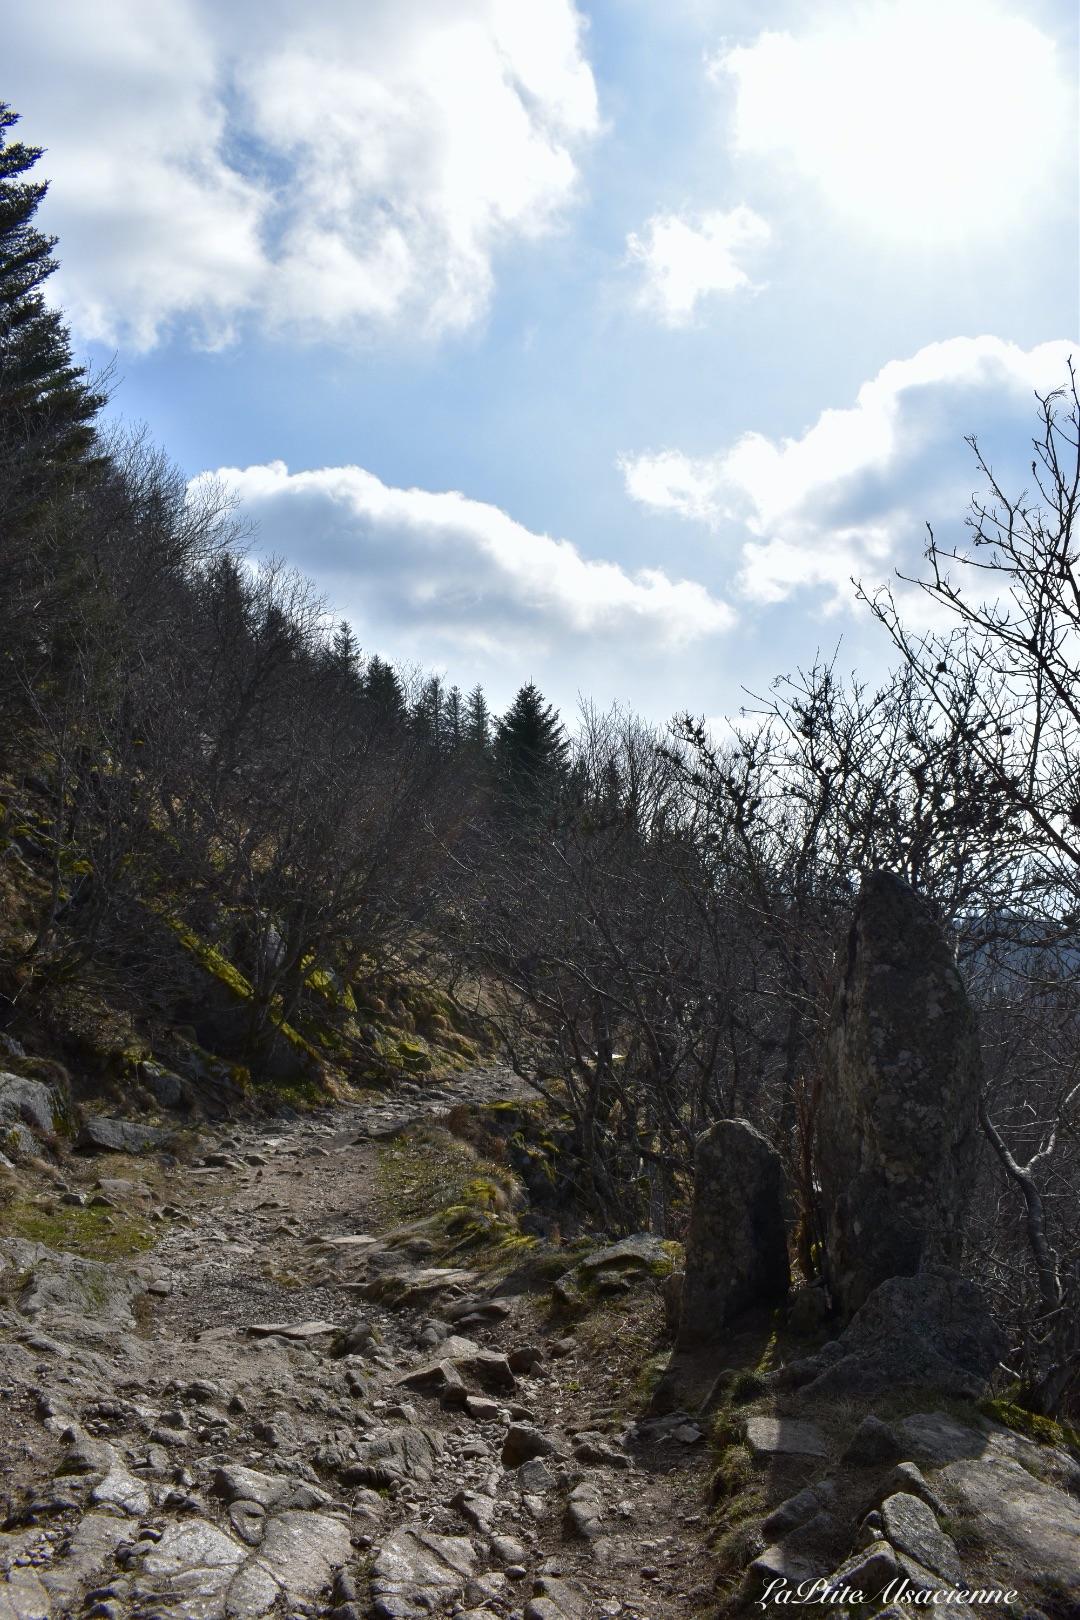 Sentier qui descend ver le lac du Schiessrothried, avant le Schiessroth